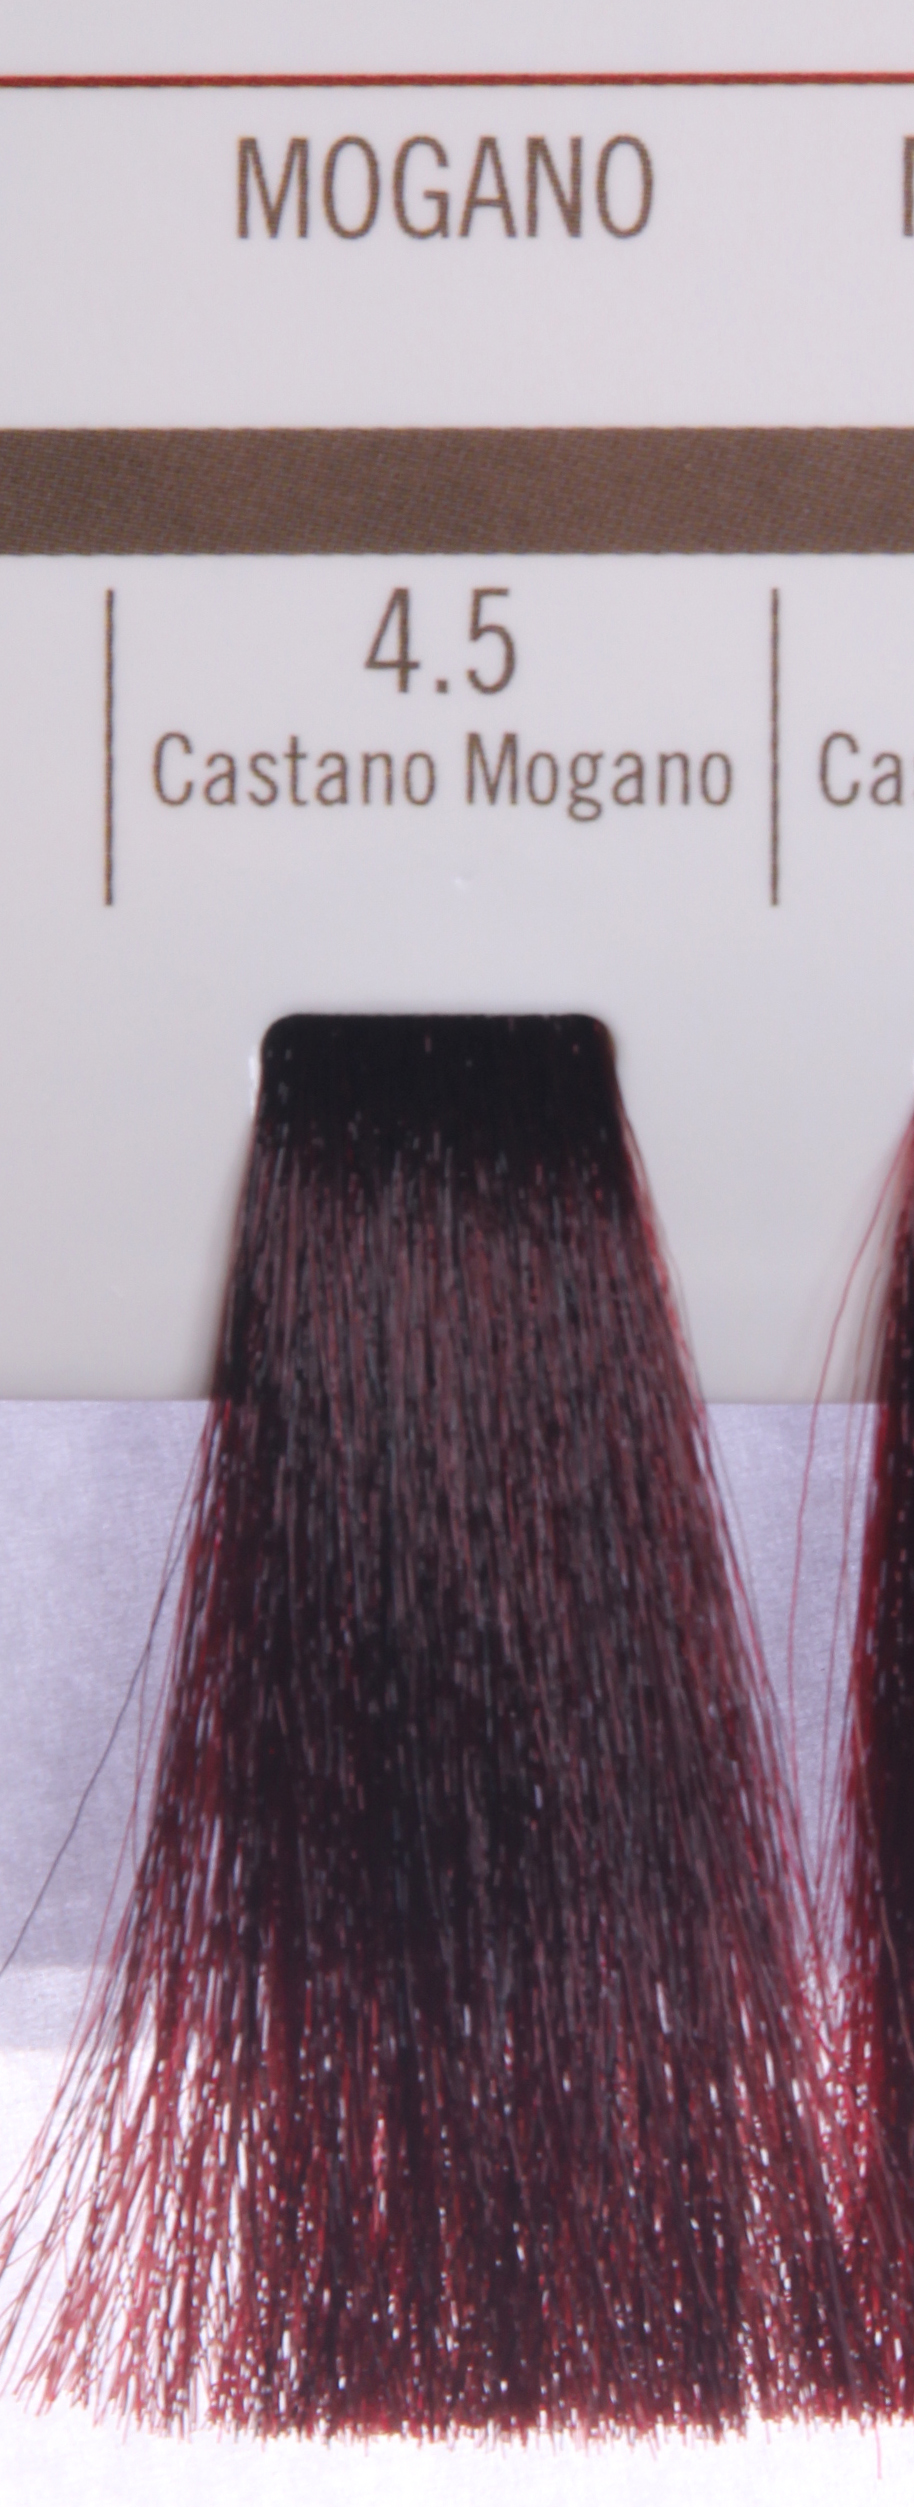 BAREX 4.5 краска для волос / PERMESSE 100млКраски<br>Оттенок: Каштан махагоновый. Профессиональная крем-краска Permesse отличается низким содержанием аммиака - от 1 до 1,5%. Обеспечивает блестящий и натуральный косметический цвет, 100% покрытие седых волос, идеальное осветление, стойкость и насыщенность цвета до следующего окрашивания. Комплекс сертифицированных органических пептидов M4, входящих в состав, действует с момента нанесения, увлажняя волосы, придавая им прочность и защиту. Пептиды избирательно оседают в самых поврежденных участках волоса, восстанавливая и защищая их. Масло карите оказывает смягчающее и успокаивающее действие. Комплекс пептидов и масло карите стимулируют проникновение пигментов вглубь структуры волоса, придавая им здоровый вид, блеск и долговечность косметическому цвету. Активные ингредиенты:&amp;nbsp;Сертифицированные органические пептиды М4 - пептиды овса, бразильского ореха, сои и пшеницы, объединенные в полифункциональный комплекс, придающий прочность окрашенным волосам, увлажняющий и защищающий их. Сертифицированное органическое масло карите (масло ши) - богато жирными кислотами, экстрагируется из ореха африканского дерева карите. Оказывает смягчающий и целебный эффект на кожу и волосы, широко применяется в косметической индустрии. Масло карите защищает волосы от неблагоприятного воздействия внешней среды, интенсивно увлажняет кожу и волосы, т.к. обладает высокой степенью абсорбции, не забивает поры. Способ применения:&amp;nbsp;Крем-краска готовится в смеси с Молочком-оксигентом Permesse 10/20/30/40 объемов в соотношении 1:1 (например, 50 мл крем-краски + 50 мл молочка-оксигента). Молочко-оксигент работает в сочетании с крем-краской и гарантирует идеальное проявление краски. Тюбик крем-краски Permesse содержит 100 мл продукта, количество, достаточное для 2 полных нанесений. Всегда надевайте подходящие специальные перчатки перед подготовкой и нанесением краски. Подготавливайте смесь крем-краски и молочка-оксигента Permesse в неметалли